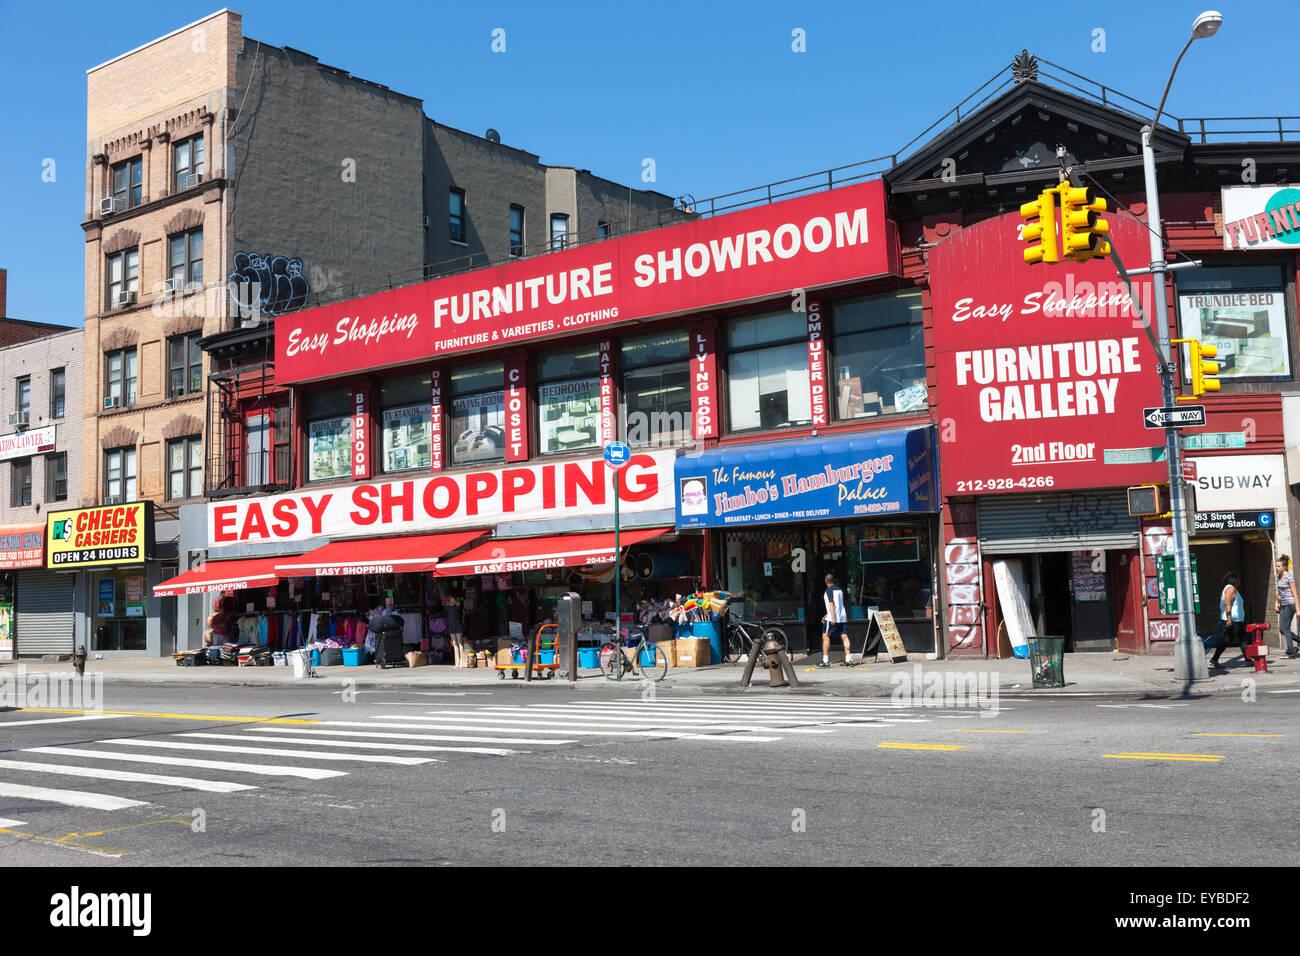 La facilidad de compra tienda de muebles en la sección de Washington Heights de la ciudad de Nueva York. Foto de stock